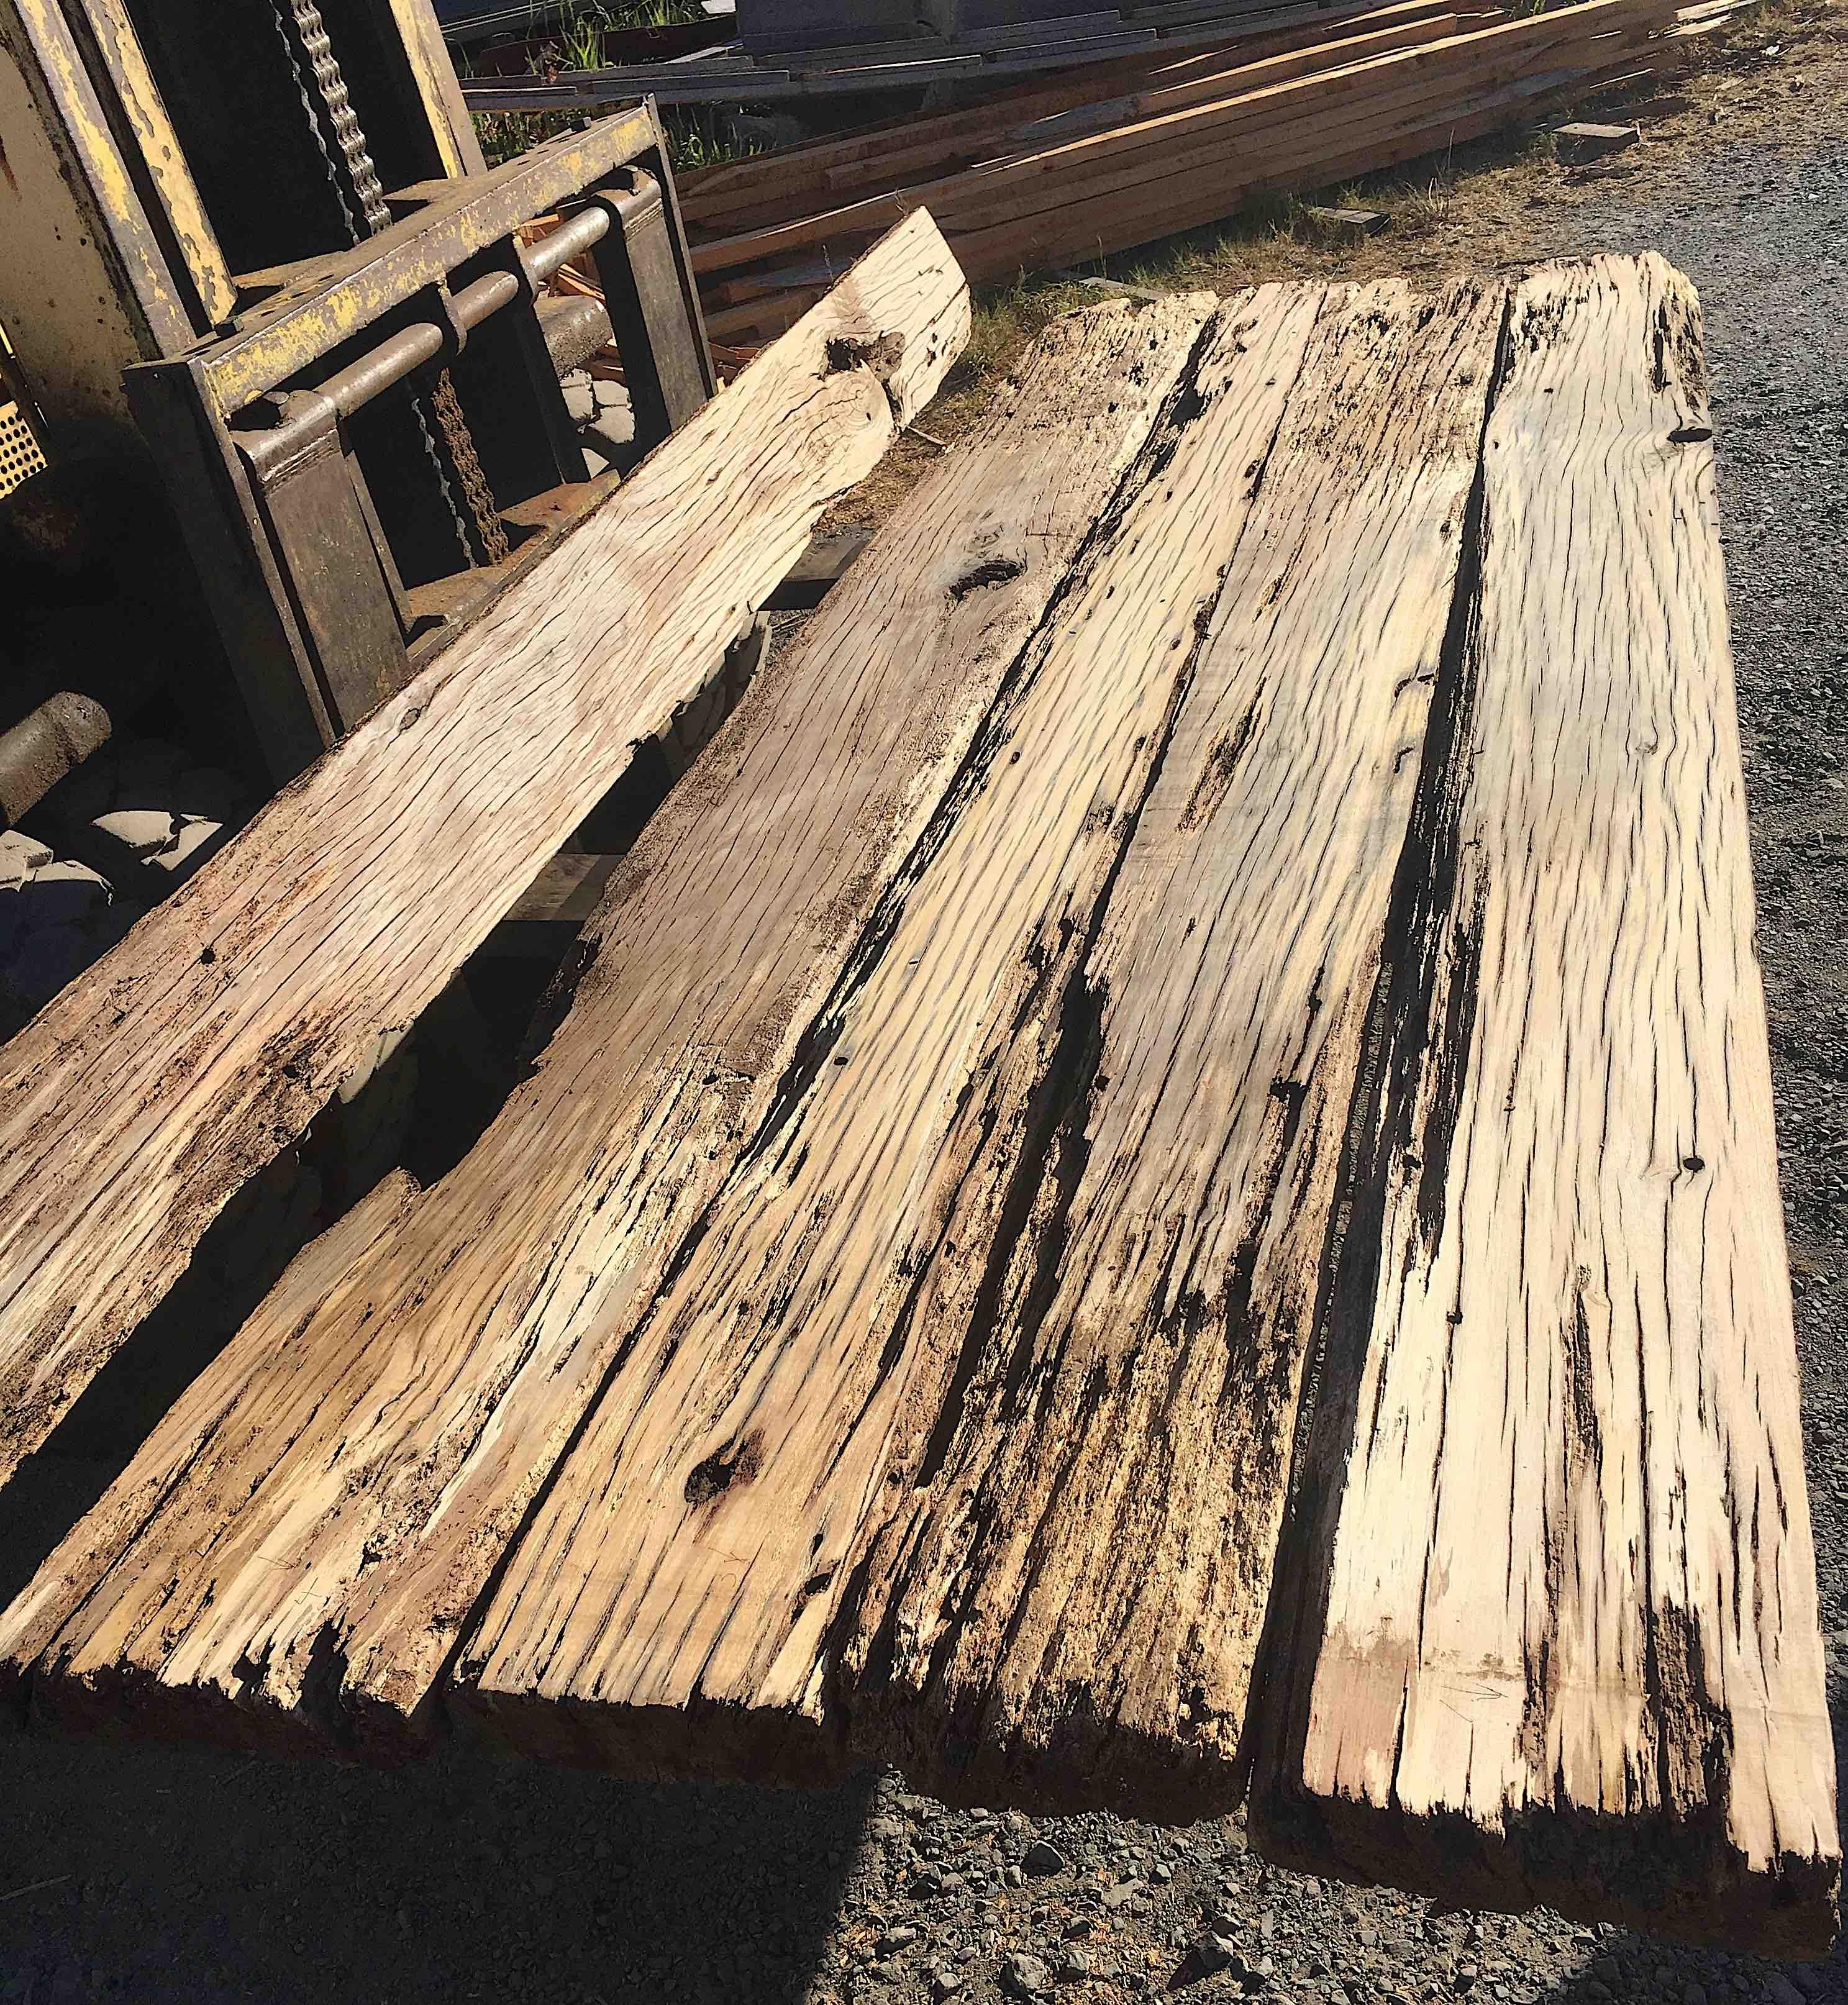 6.sawmill